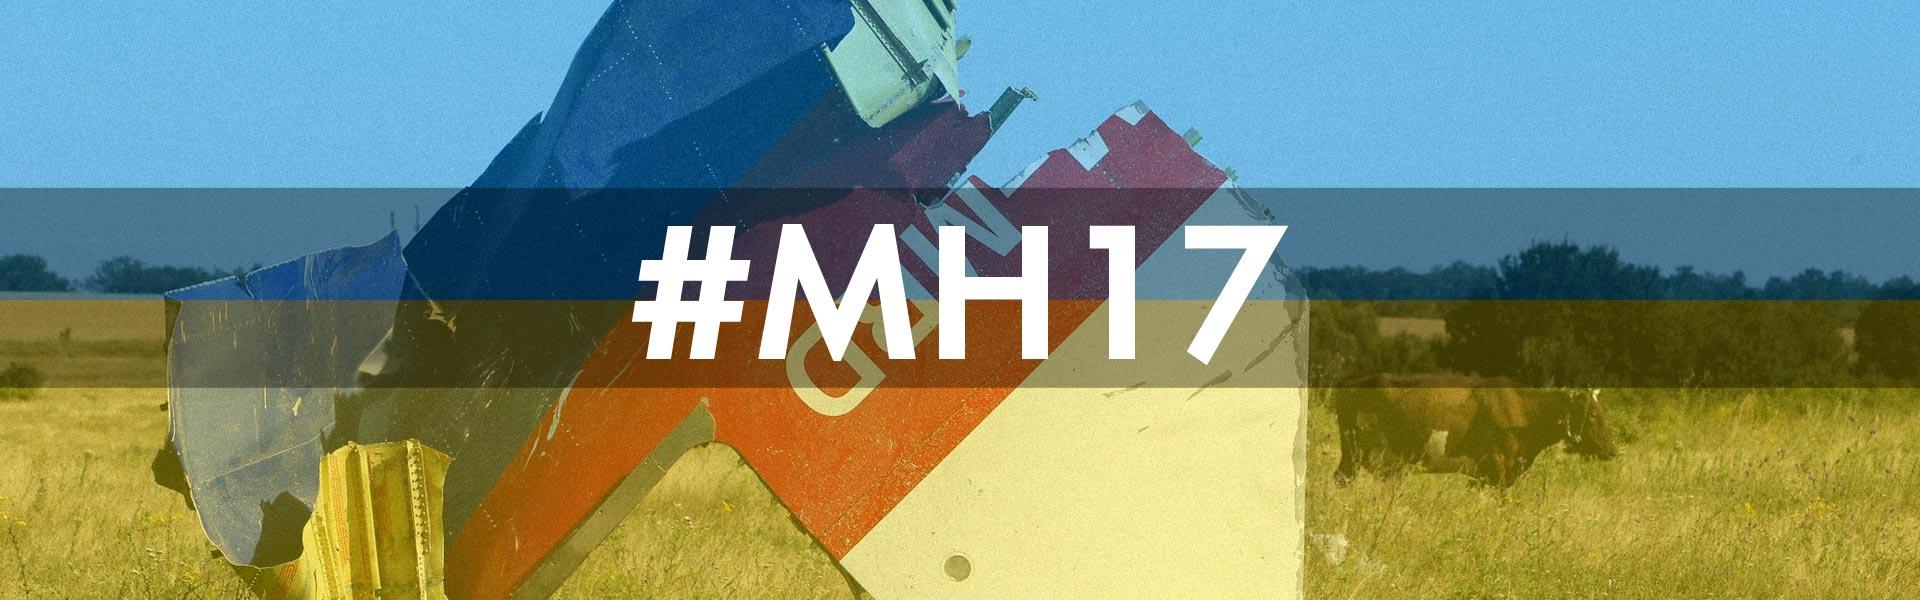 Отчет международной следственной группы по катастрофе Боинга MH17.